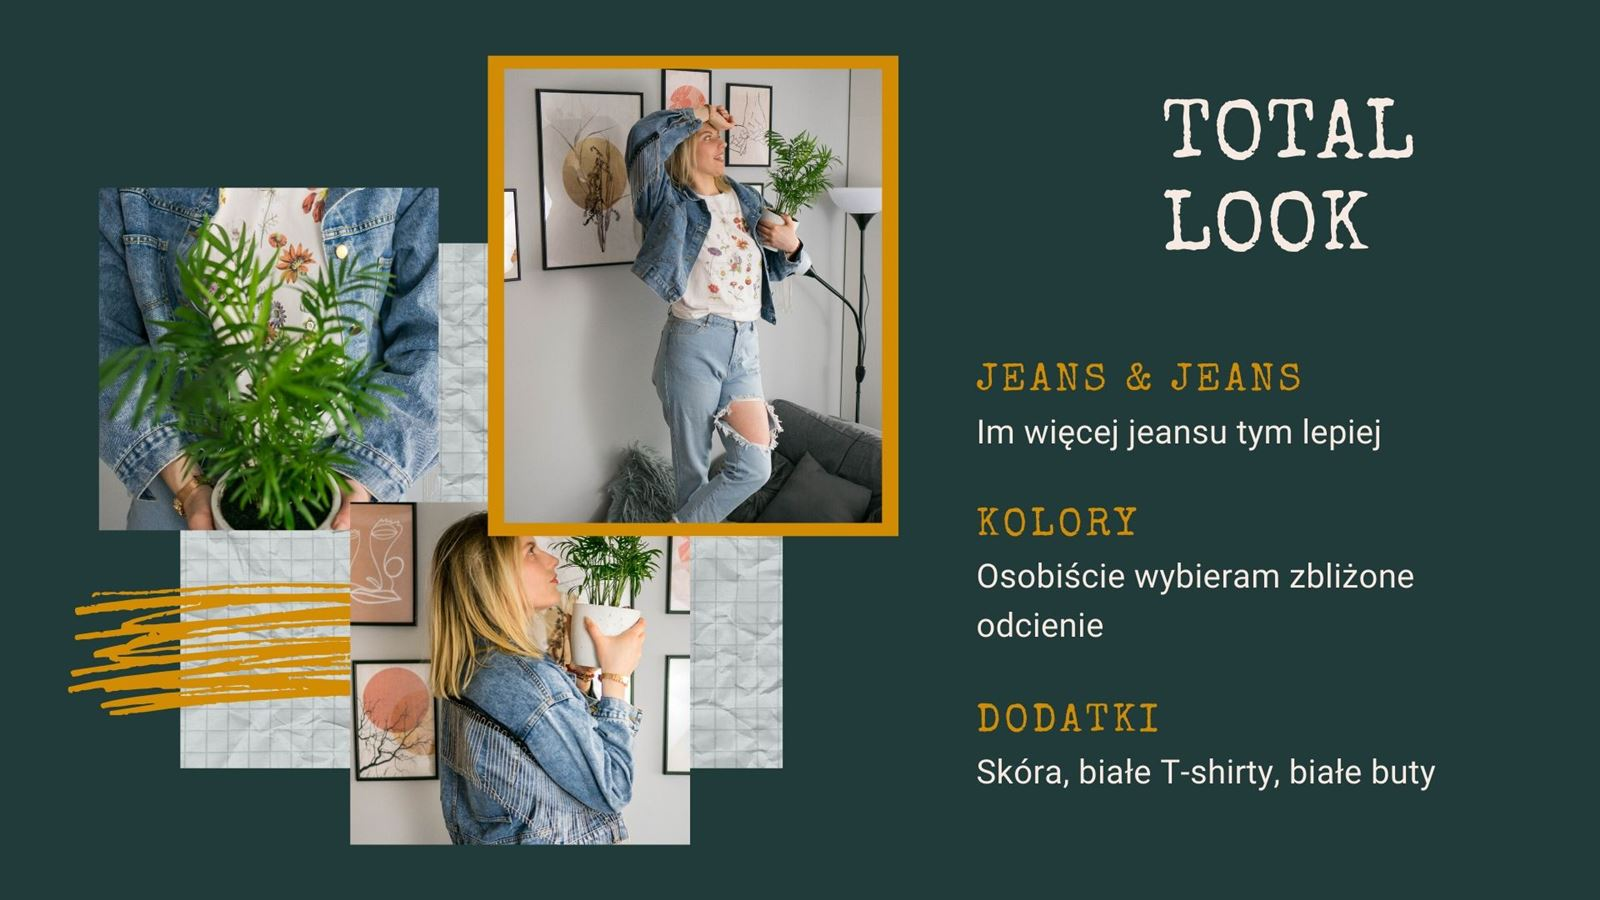 4 jak wybrać jeansową kurtkę gdzie kupić krótką kurtkę z jeansu denim jacket z frędzlami rockowa do sukni ślubnej do sukienki lily lulu fashion z czym nosić kurtkę jeansową stylizacje inspiracje ceny